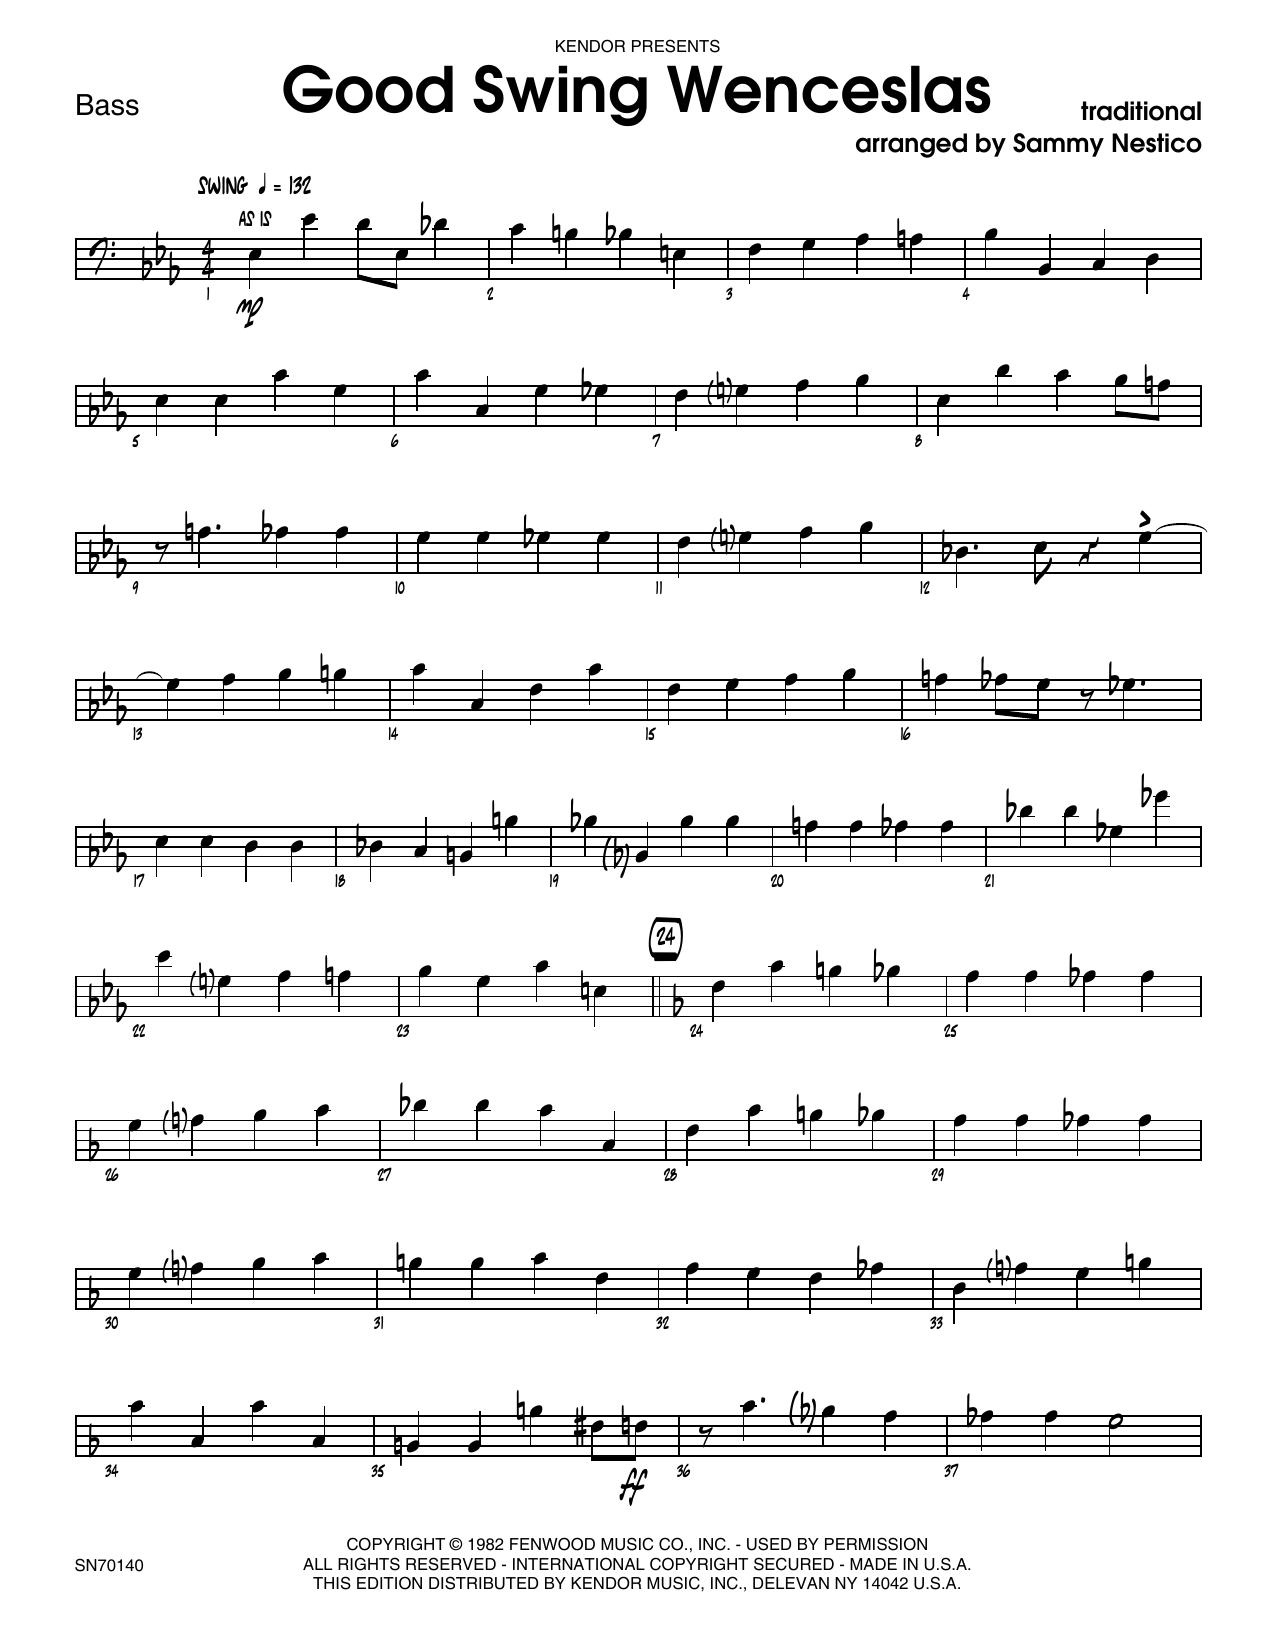 Good Swing Wenceslas - Bass Sheet Music